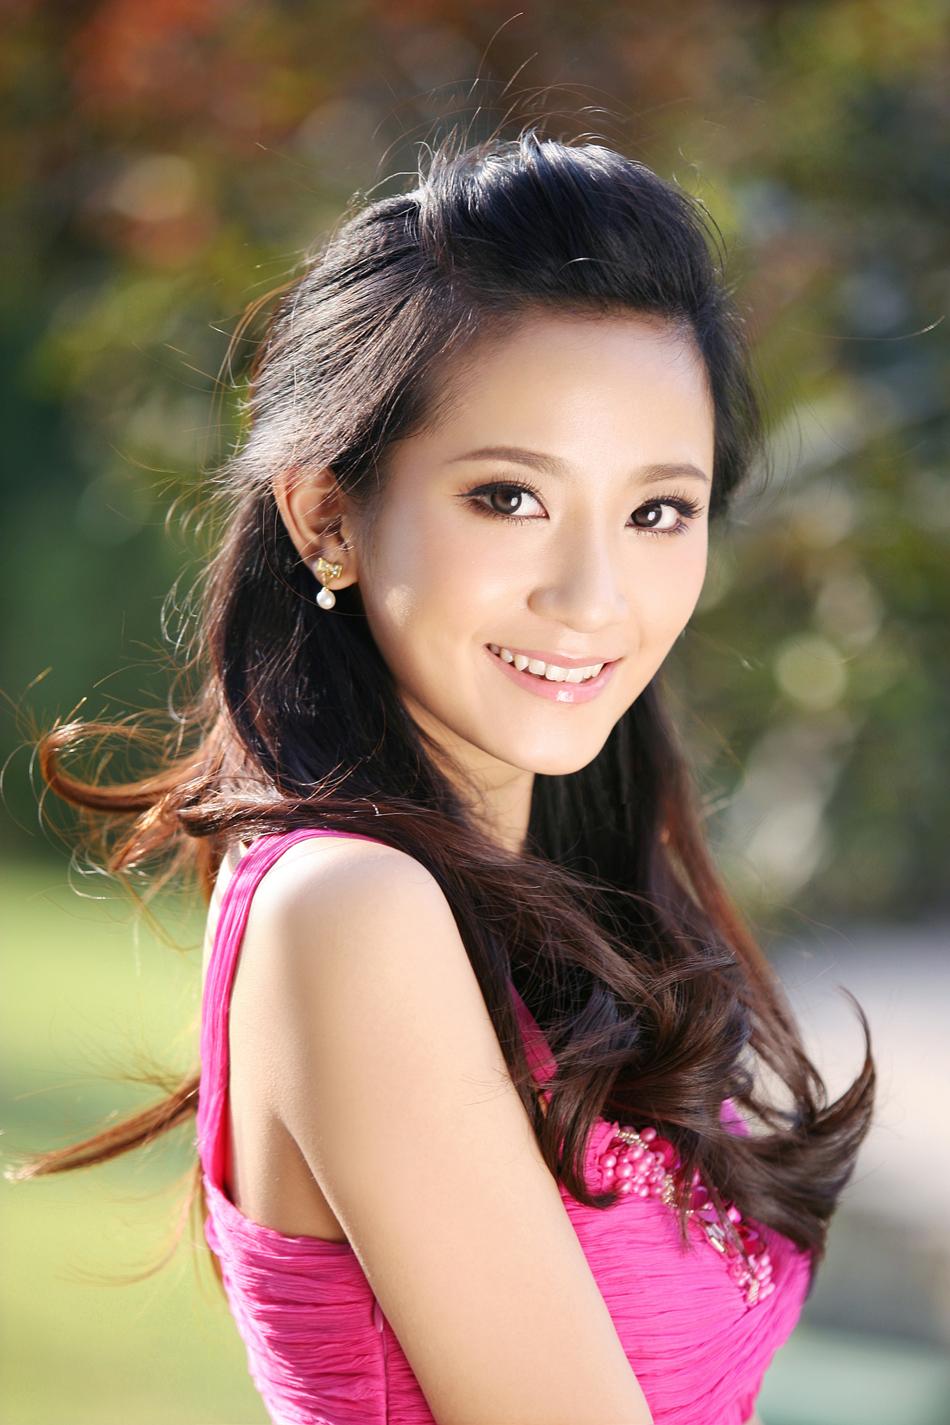 http://www.sinaimg.cn/dy/slidenews/4_img/2013_15/704_931727_341647.jpg